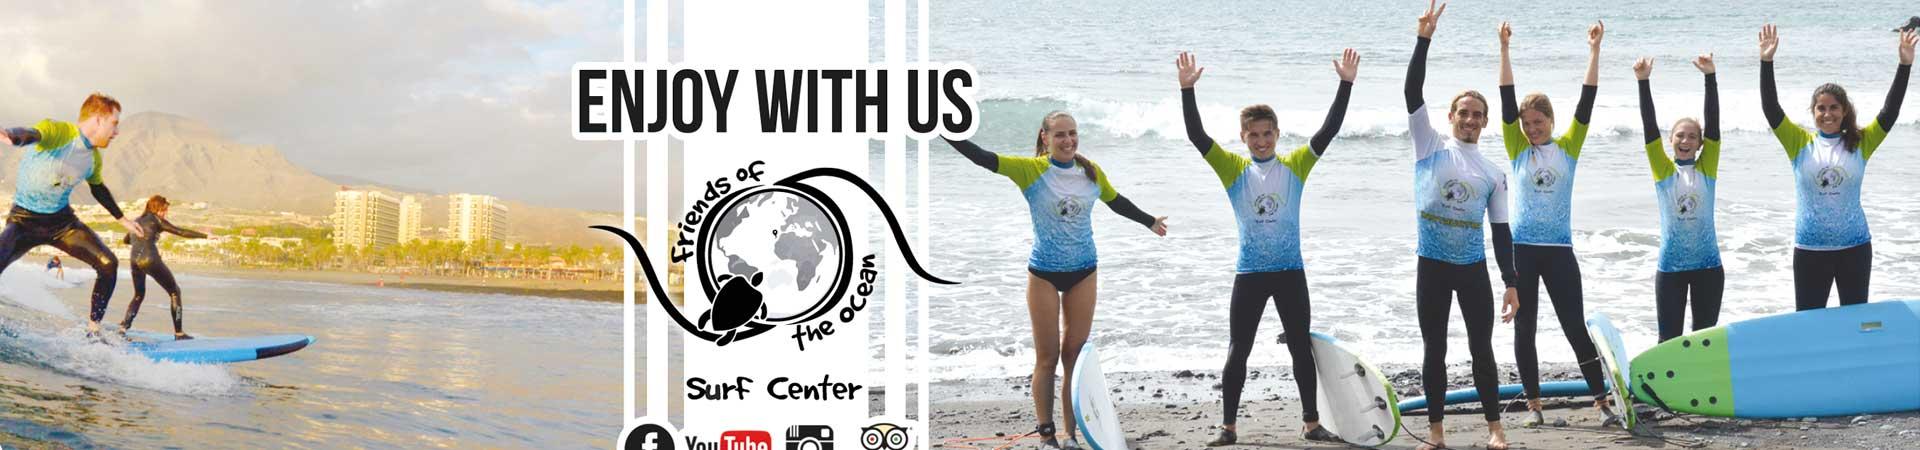 https://www.goodmorningtenerife.com/wp-content/uploads/2019/08/02_friends-of-ocean-tenerife-surf-center-good-morning-tenerife_slide.jpg